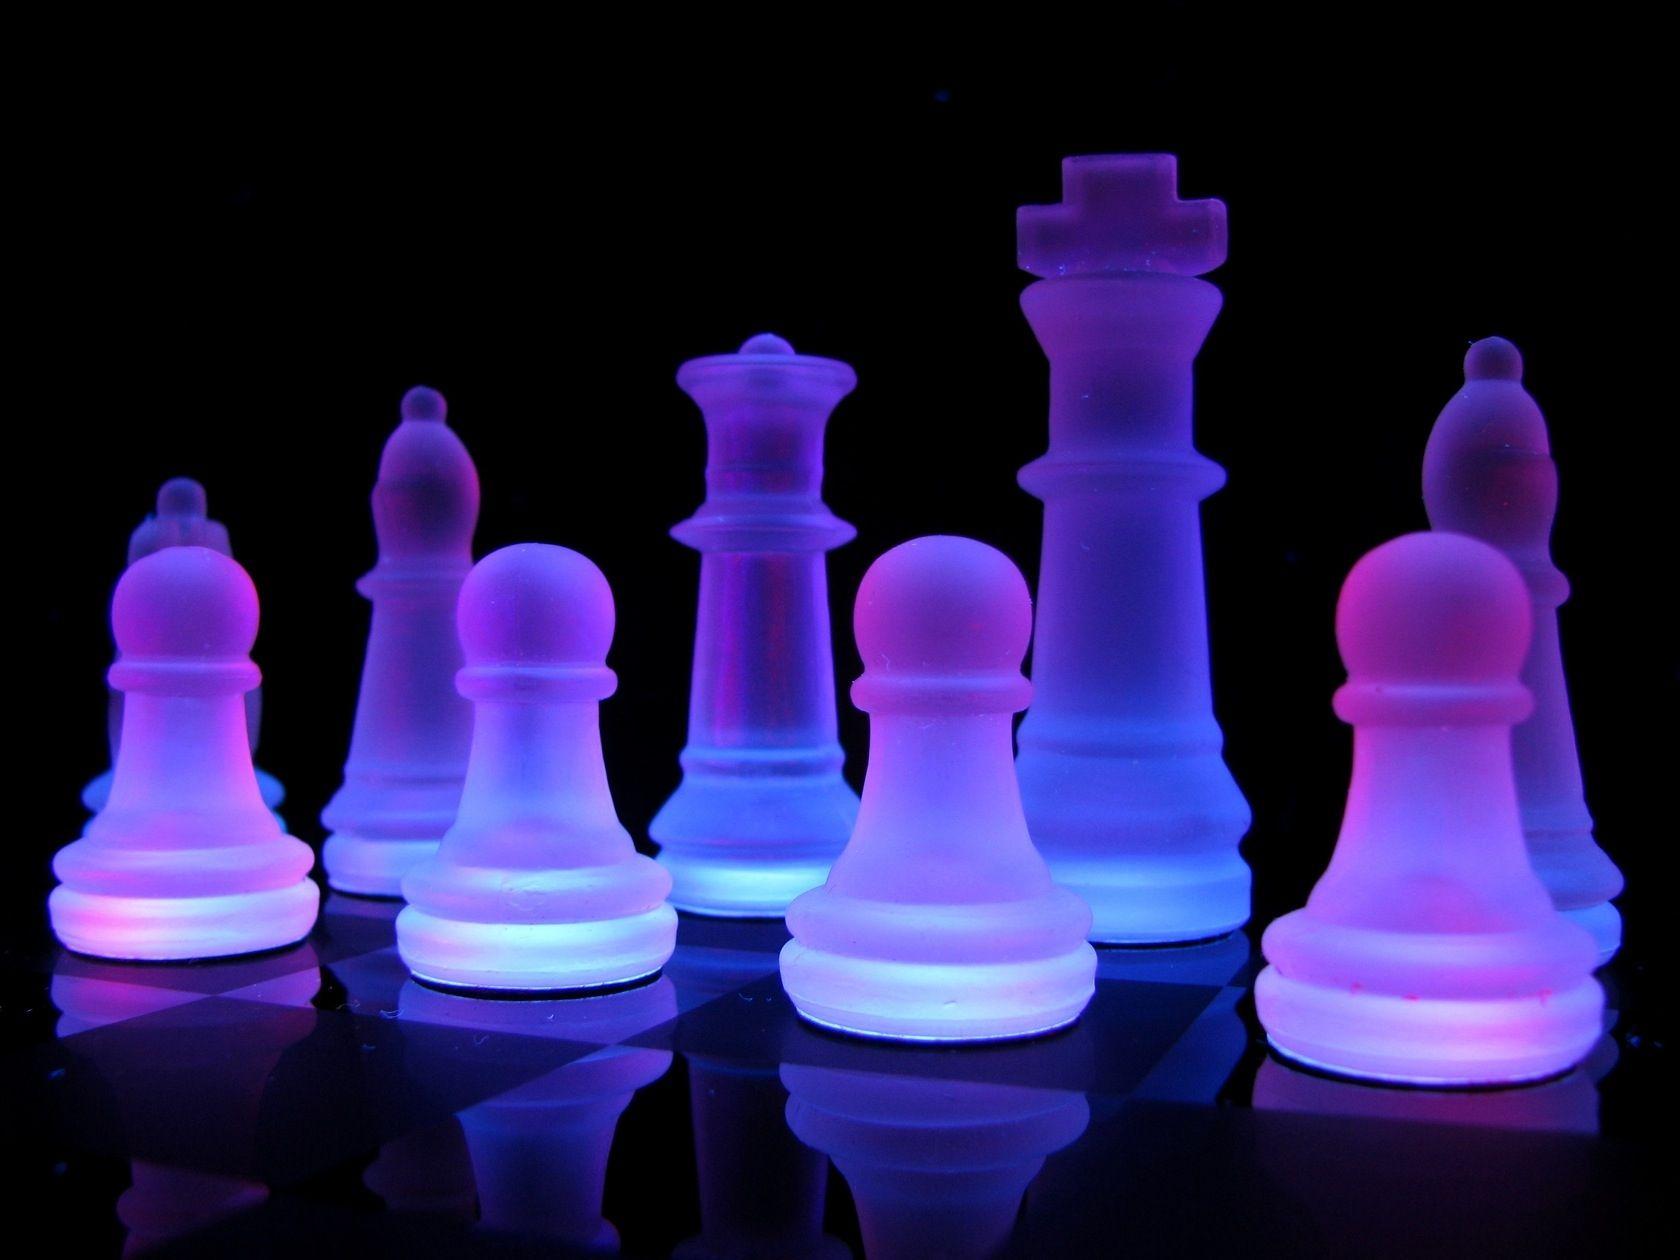 Jogos Xadrez Papel De Parede Wallpapers Roxos Roxo E Azul Papel De Parede Roxo